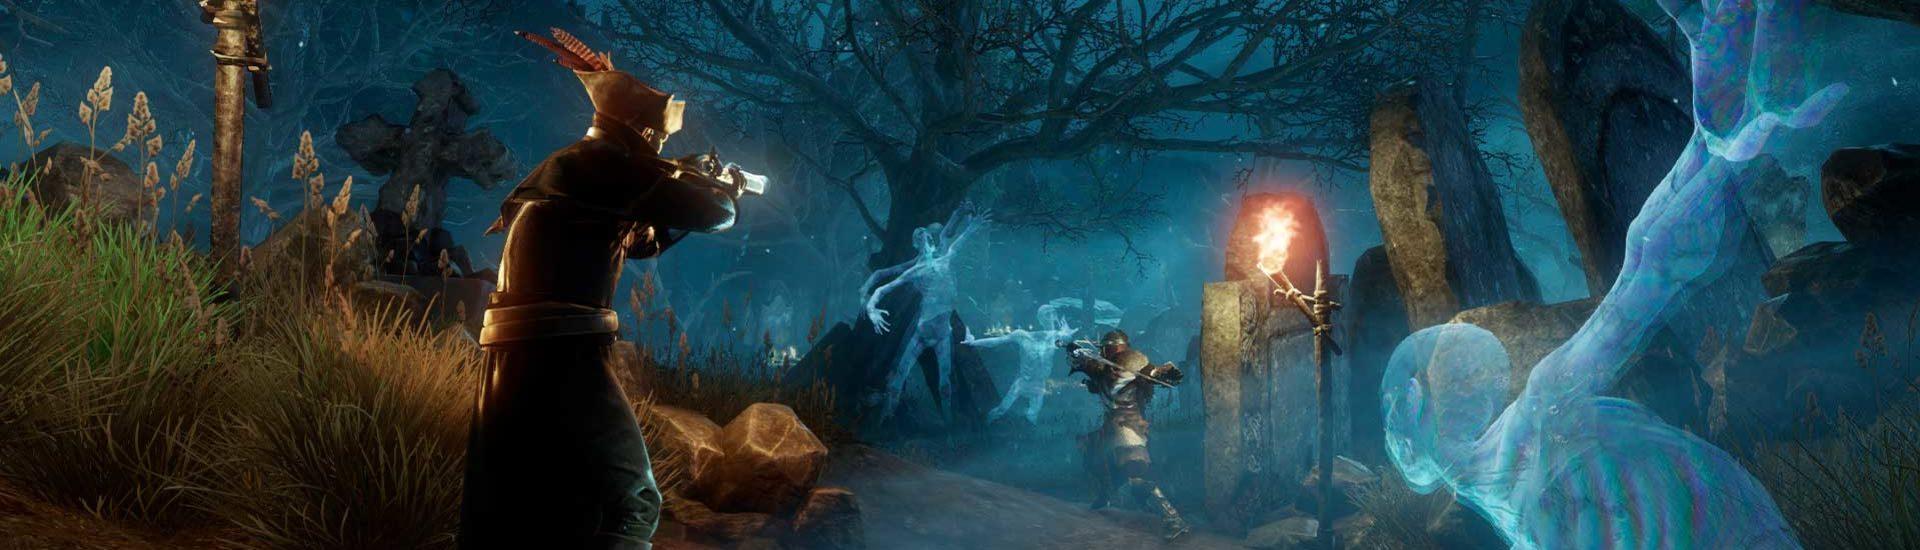 New World: Online-Spiel wird erneut verschoben